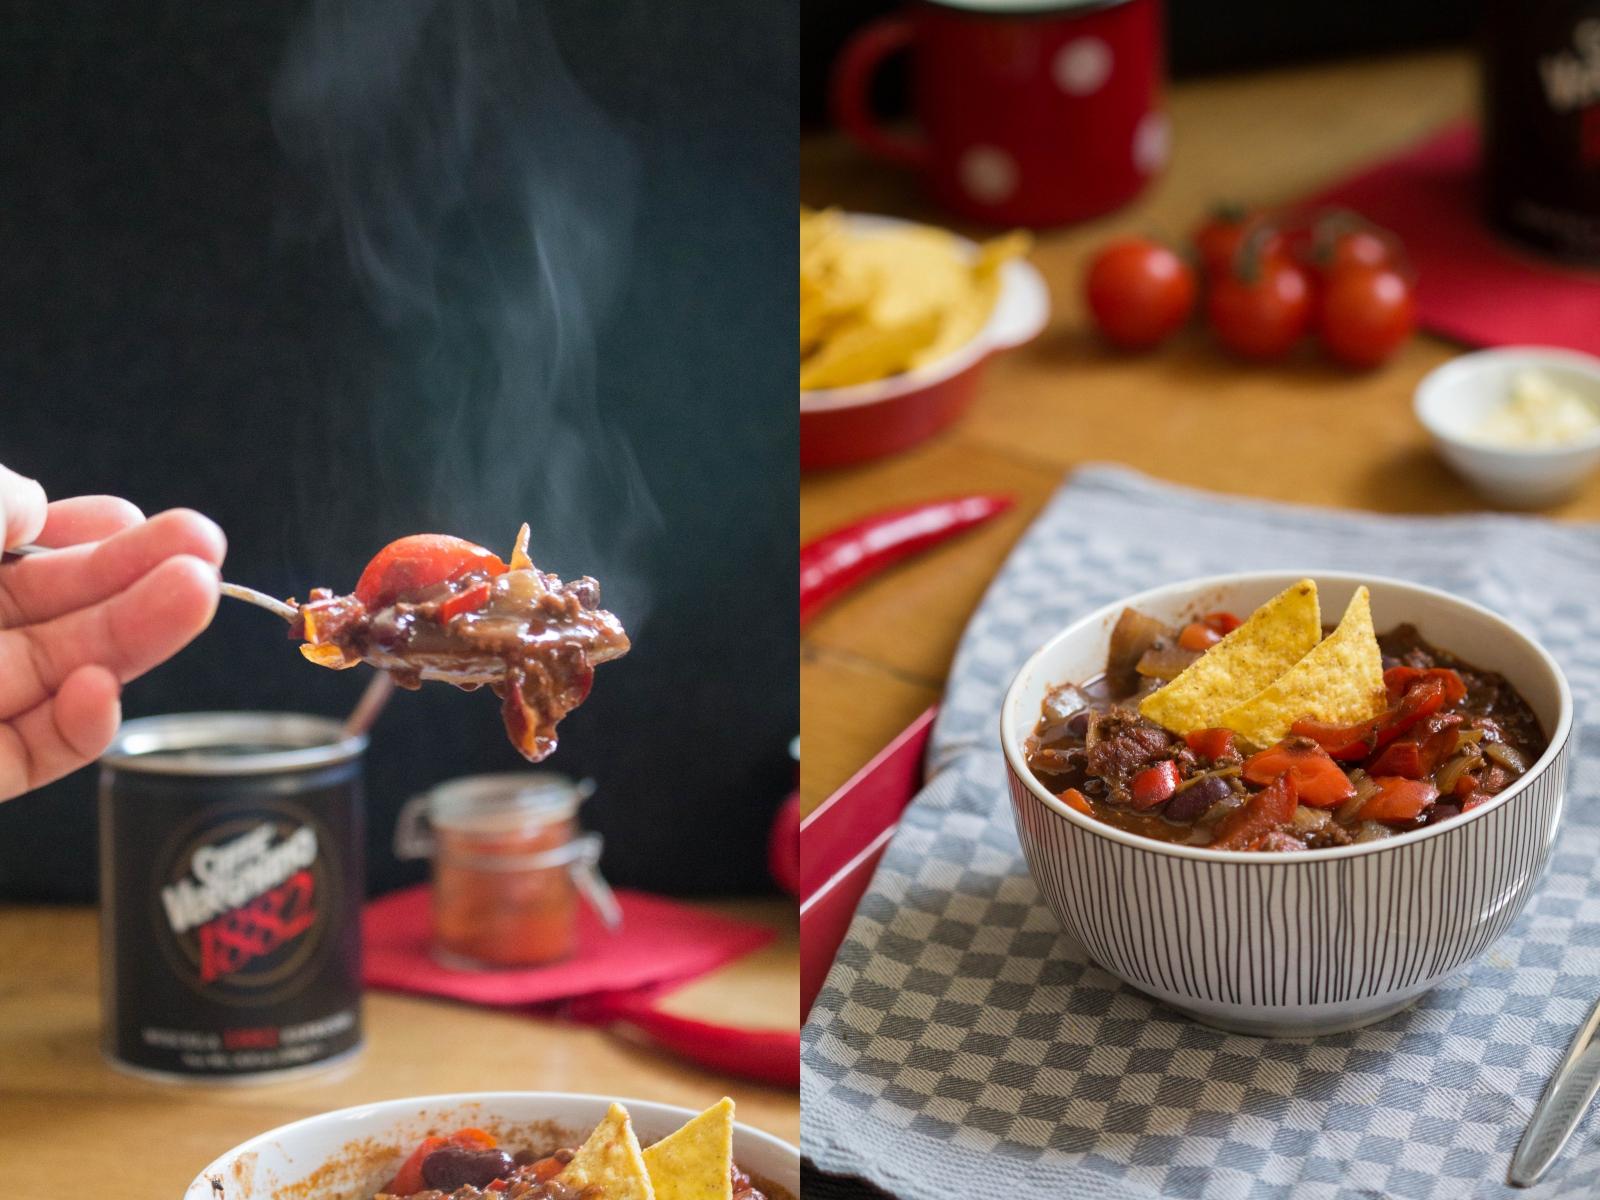 FAIBLE_Chili con Carne 2